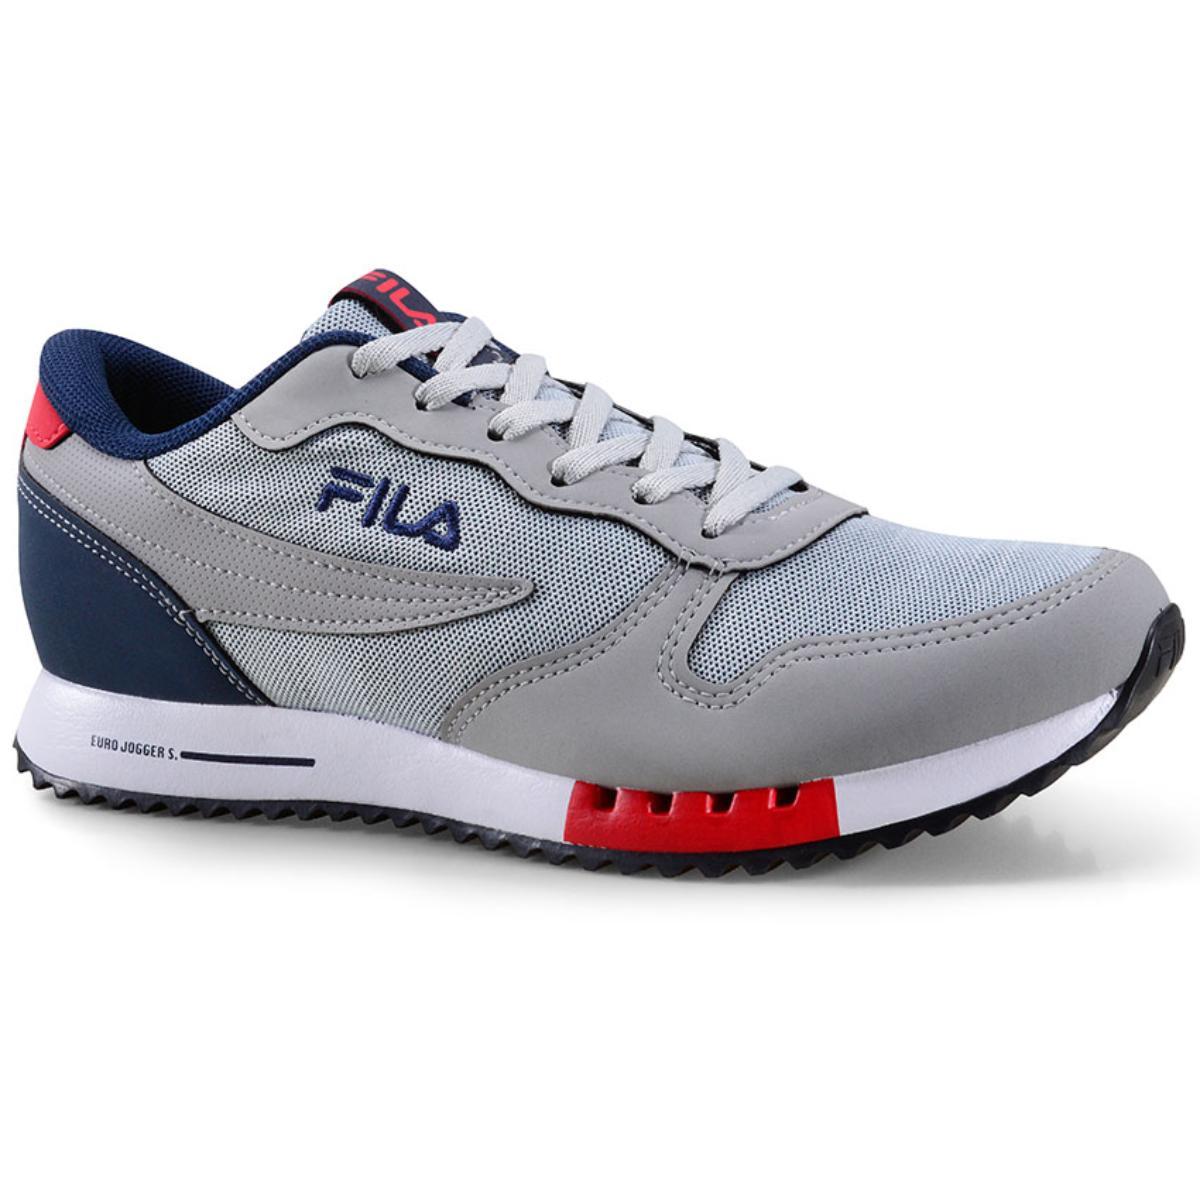 Tênis Masculino Fila 11u335x.3335 Euro Jogger Sport Cinza/marinho/vermelho